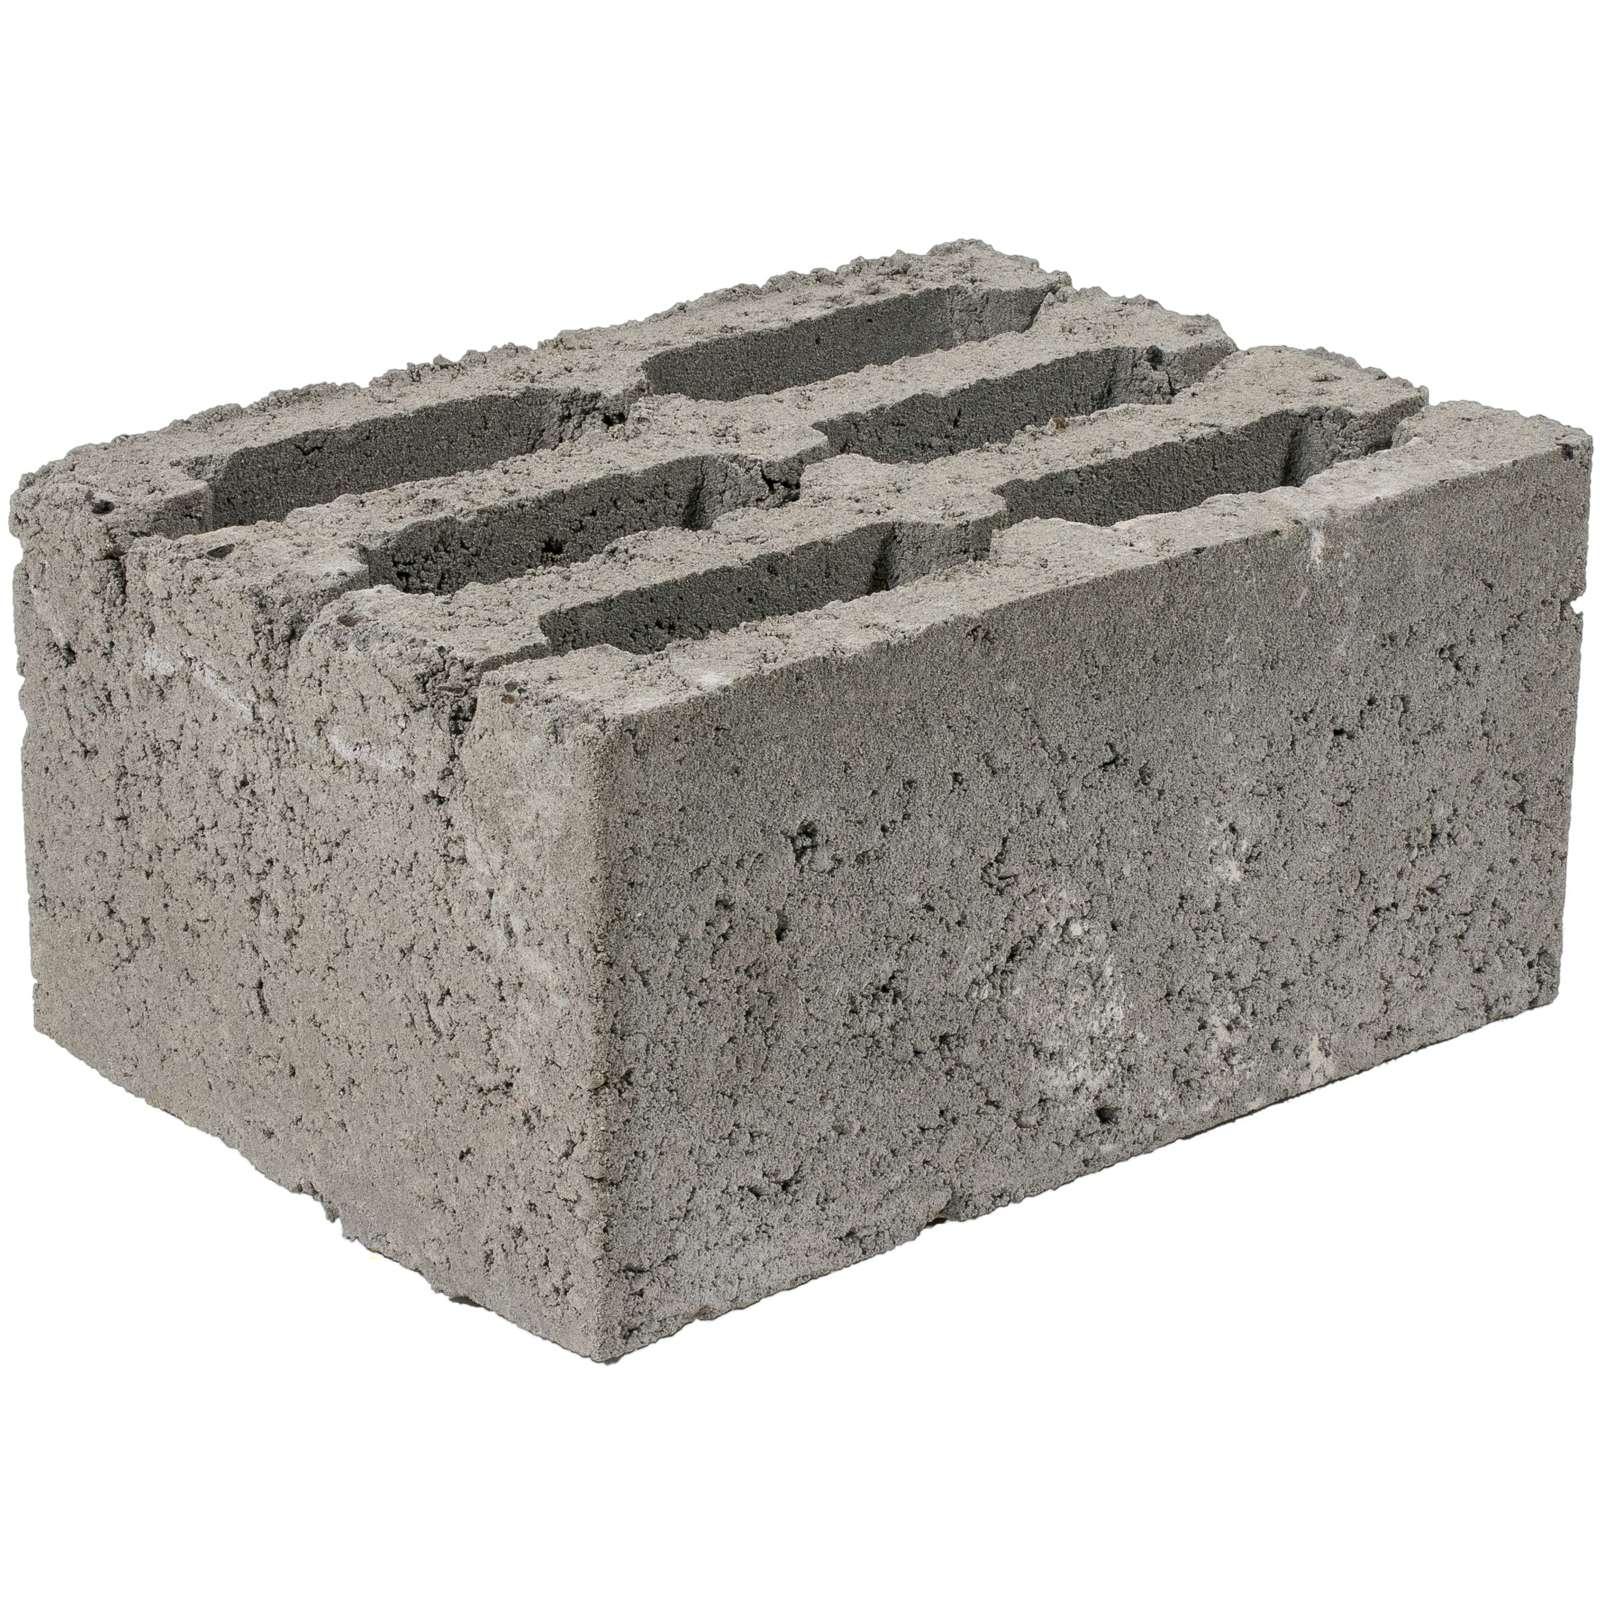 ваших краях керамзит блоки в картинках монастыря был вырыт